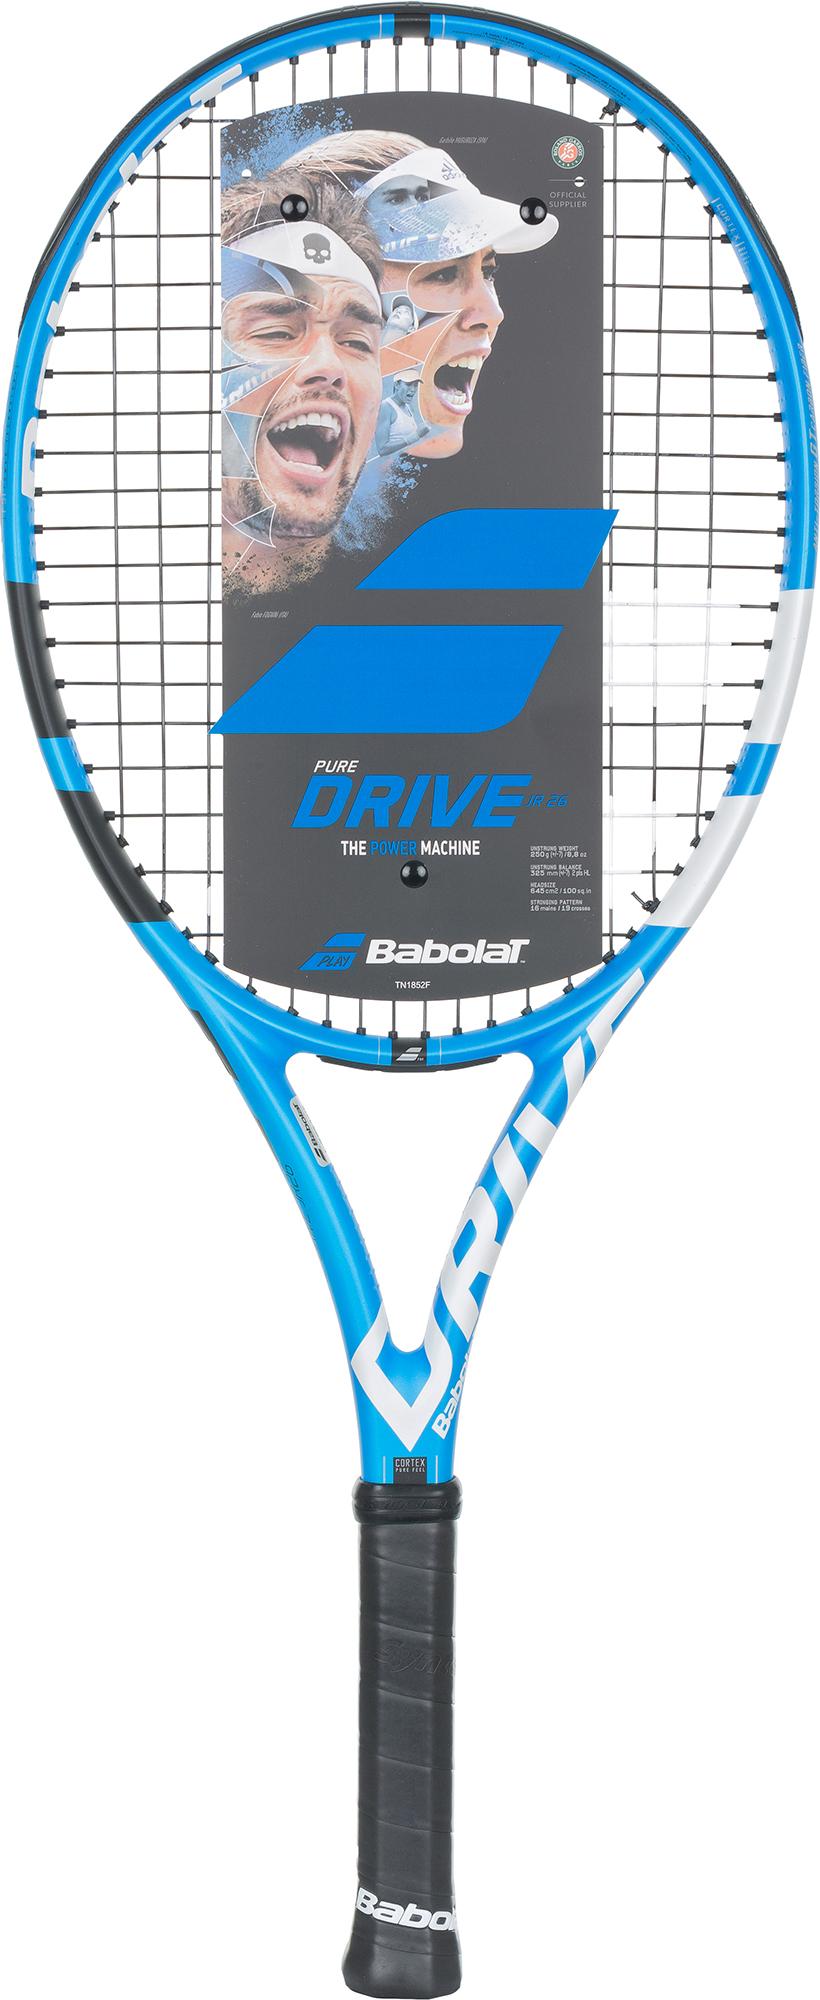 Babolat Ракетка для большого тенниса детская Babolat Pure Drive 26 babolat ракетка для большого тенниса детская babolat ballfighter 23